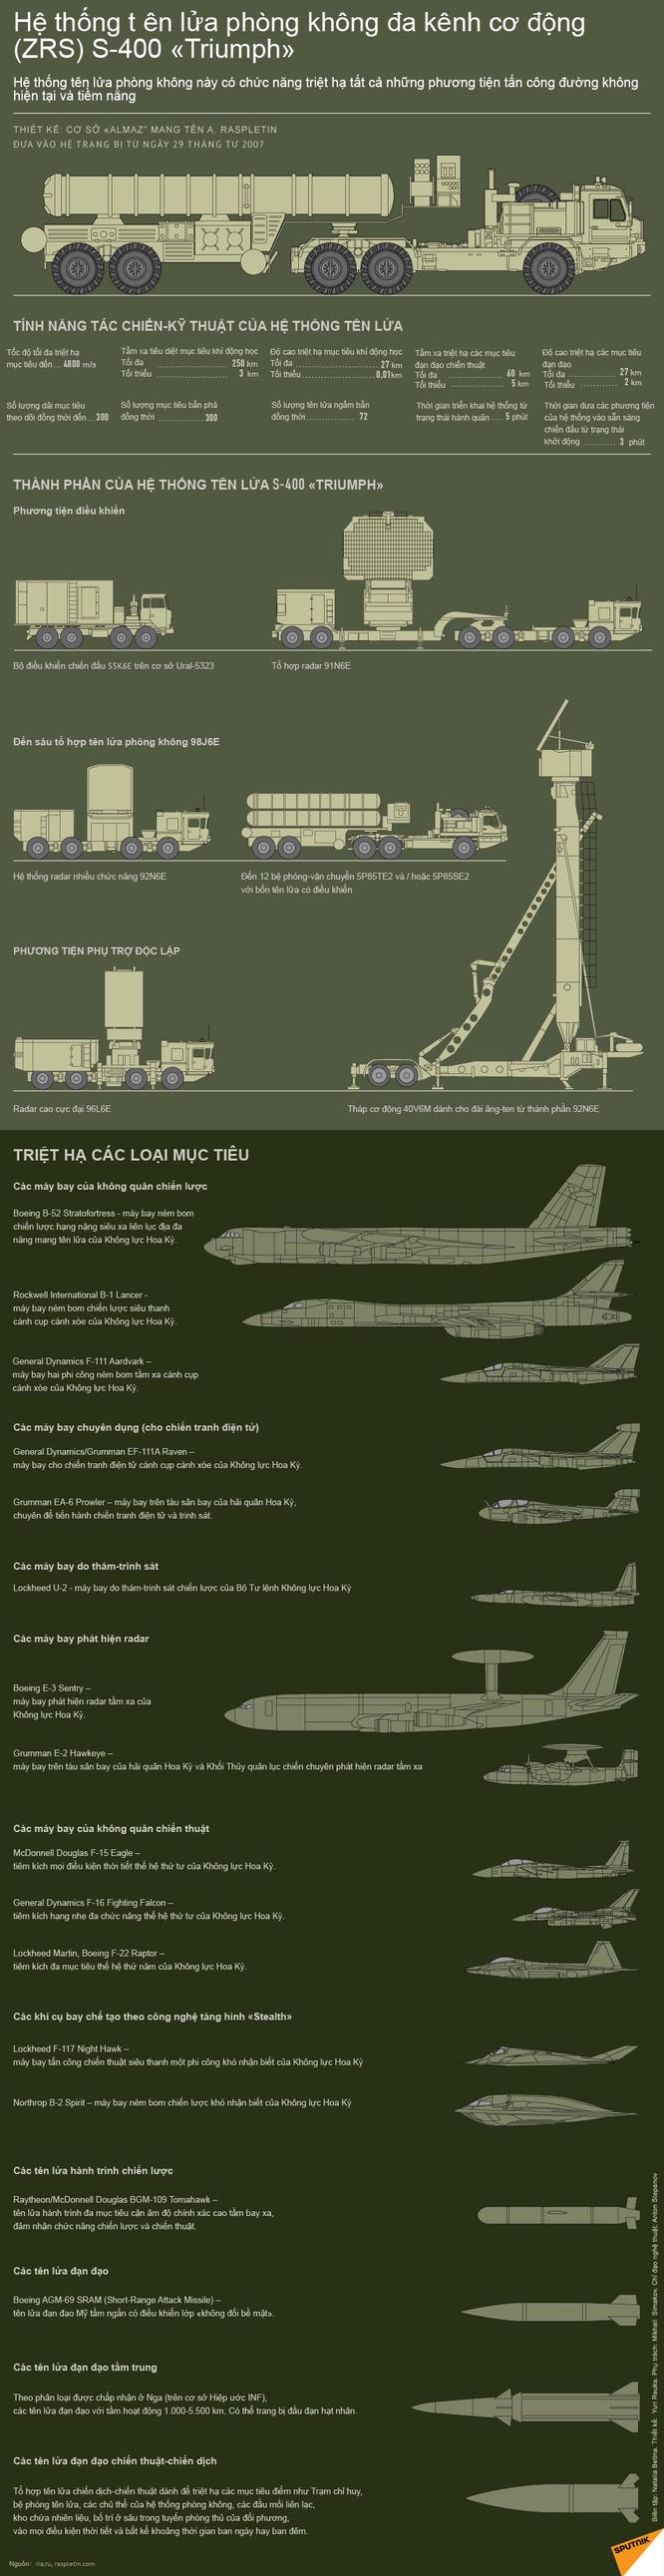 Hệ thống Tên lửa phòng không đa kênh cơ động (ZRS) S-400 Triumph